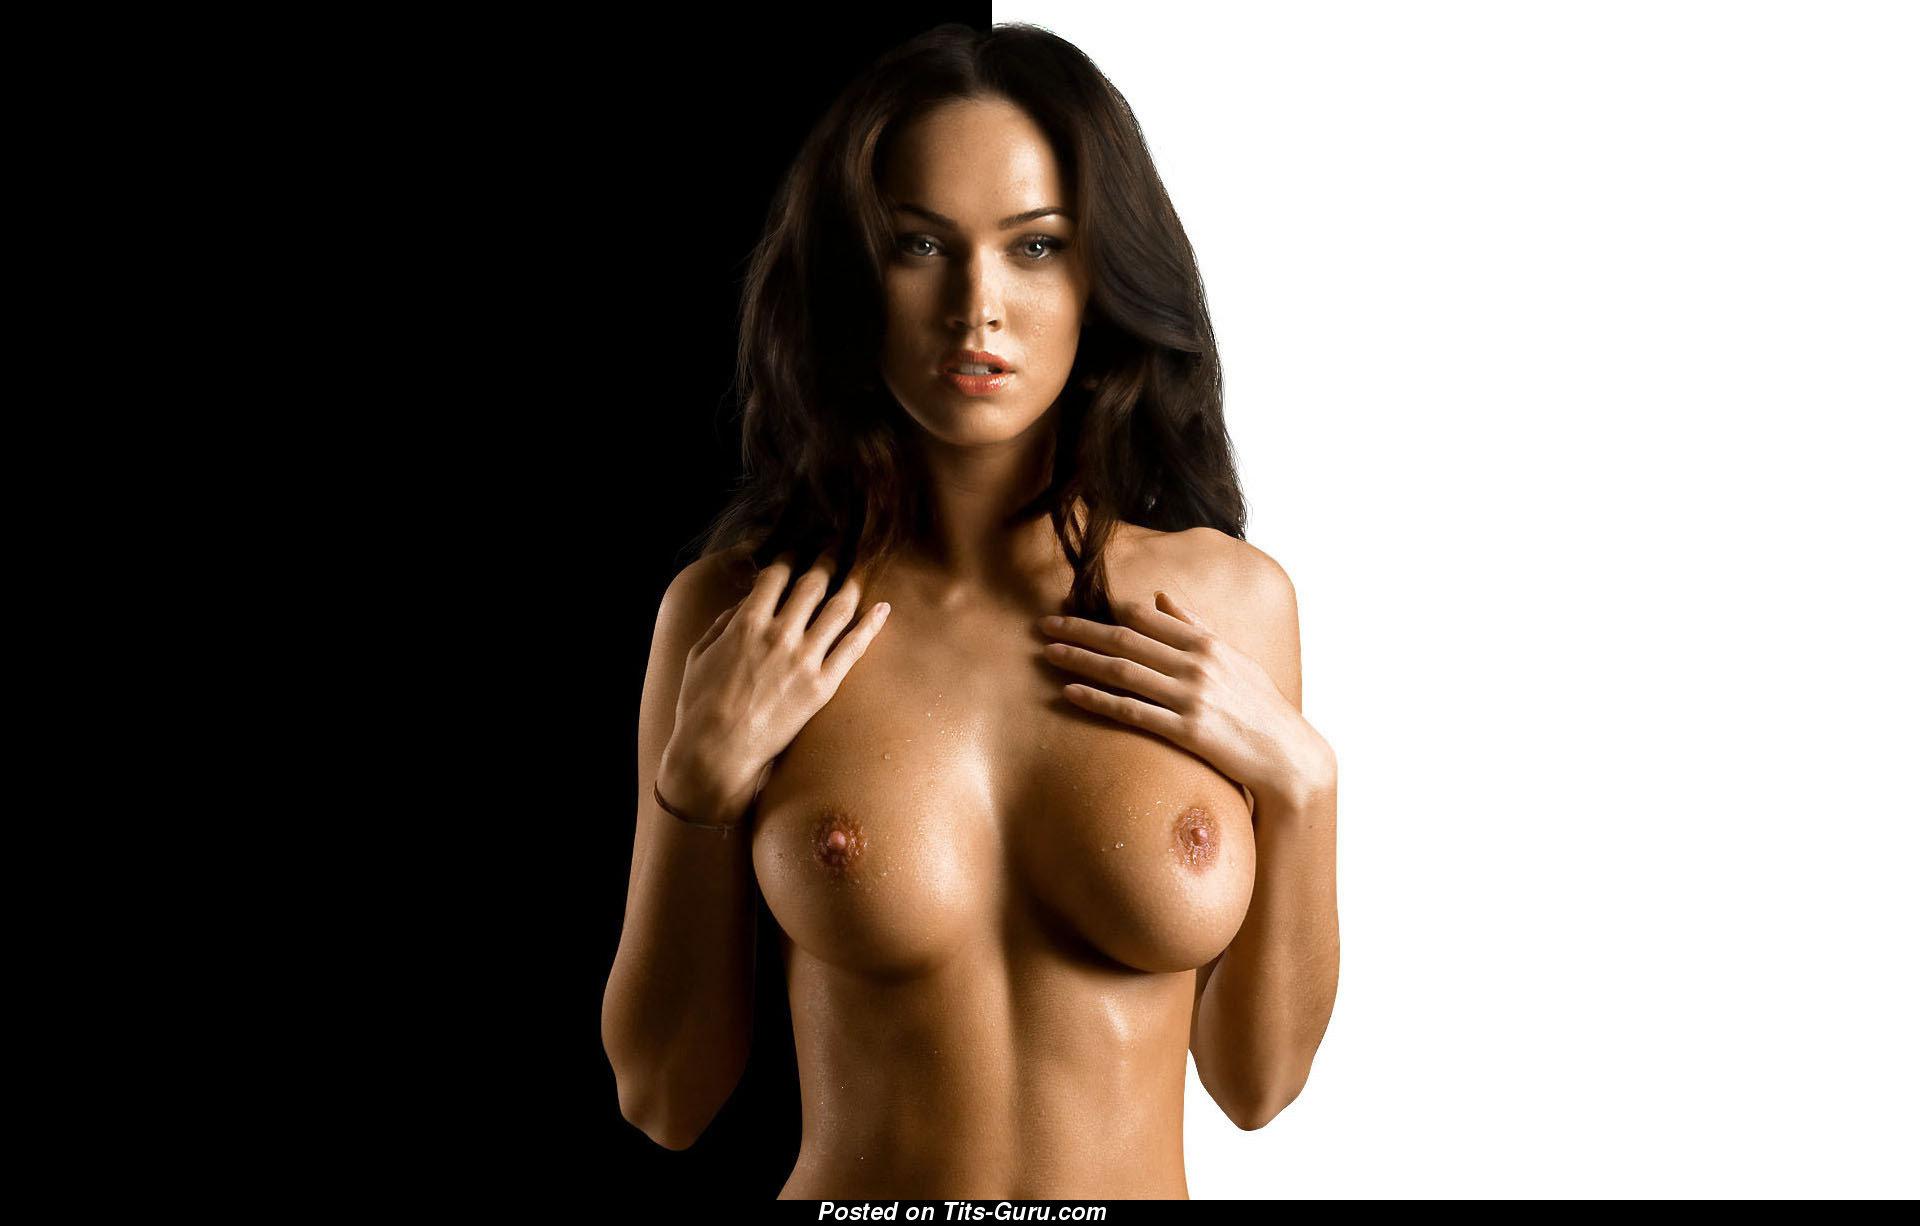 знаменитые девушки голые секс сейчас окажется